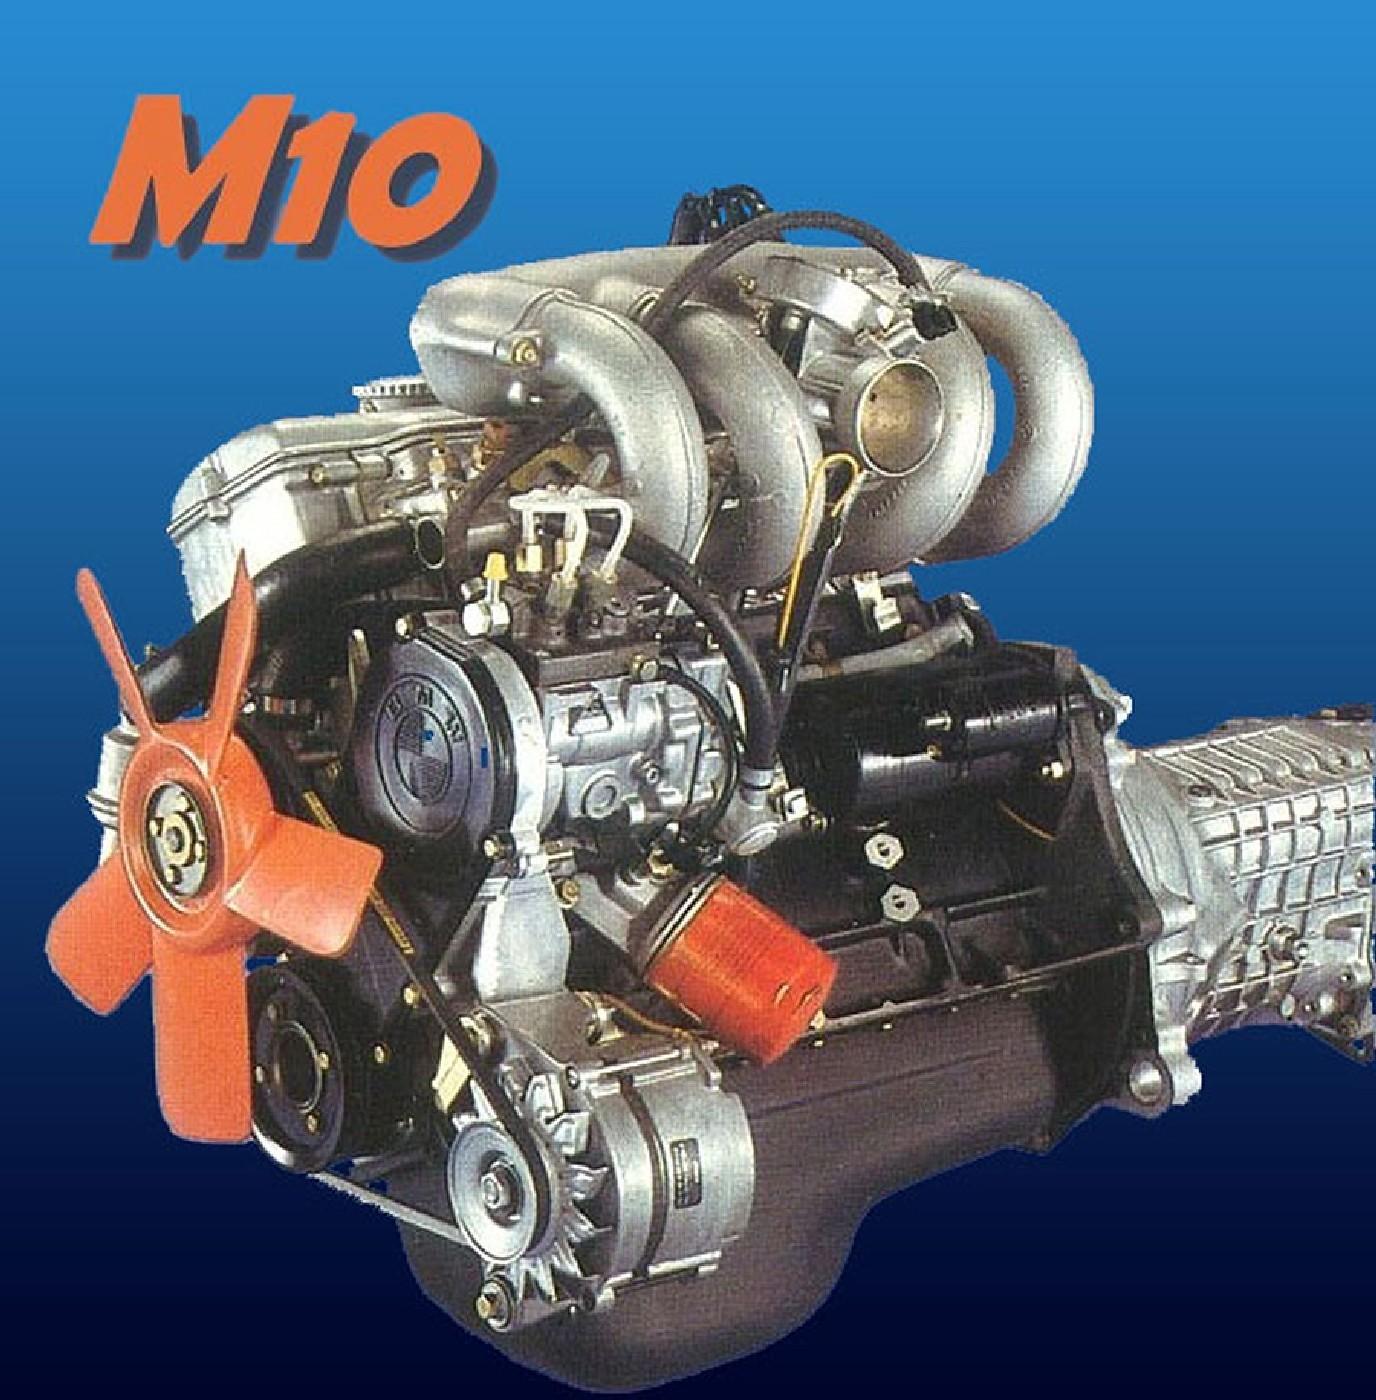 Bmw M10 Engine Diagram